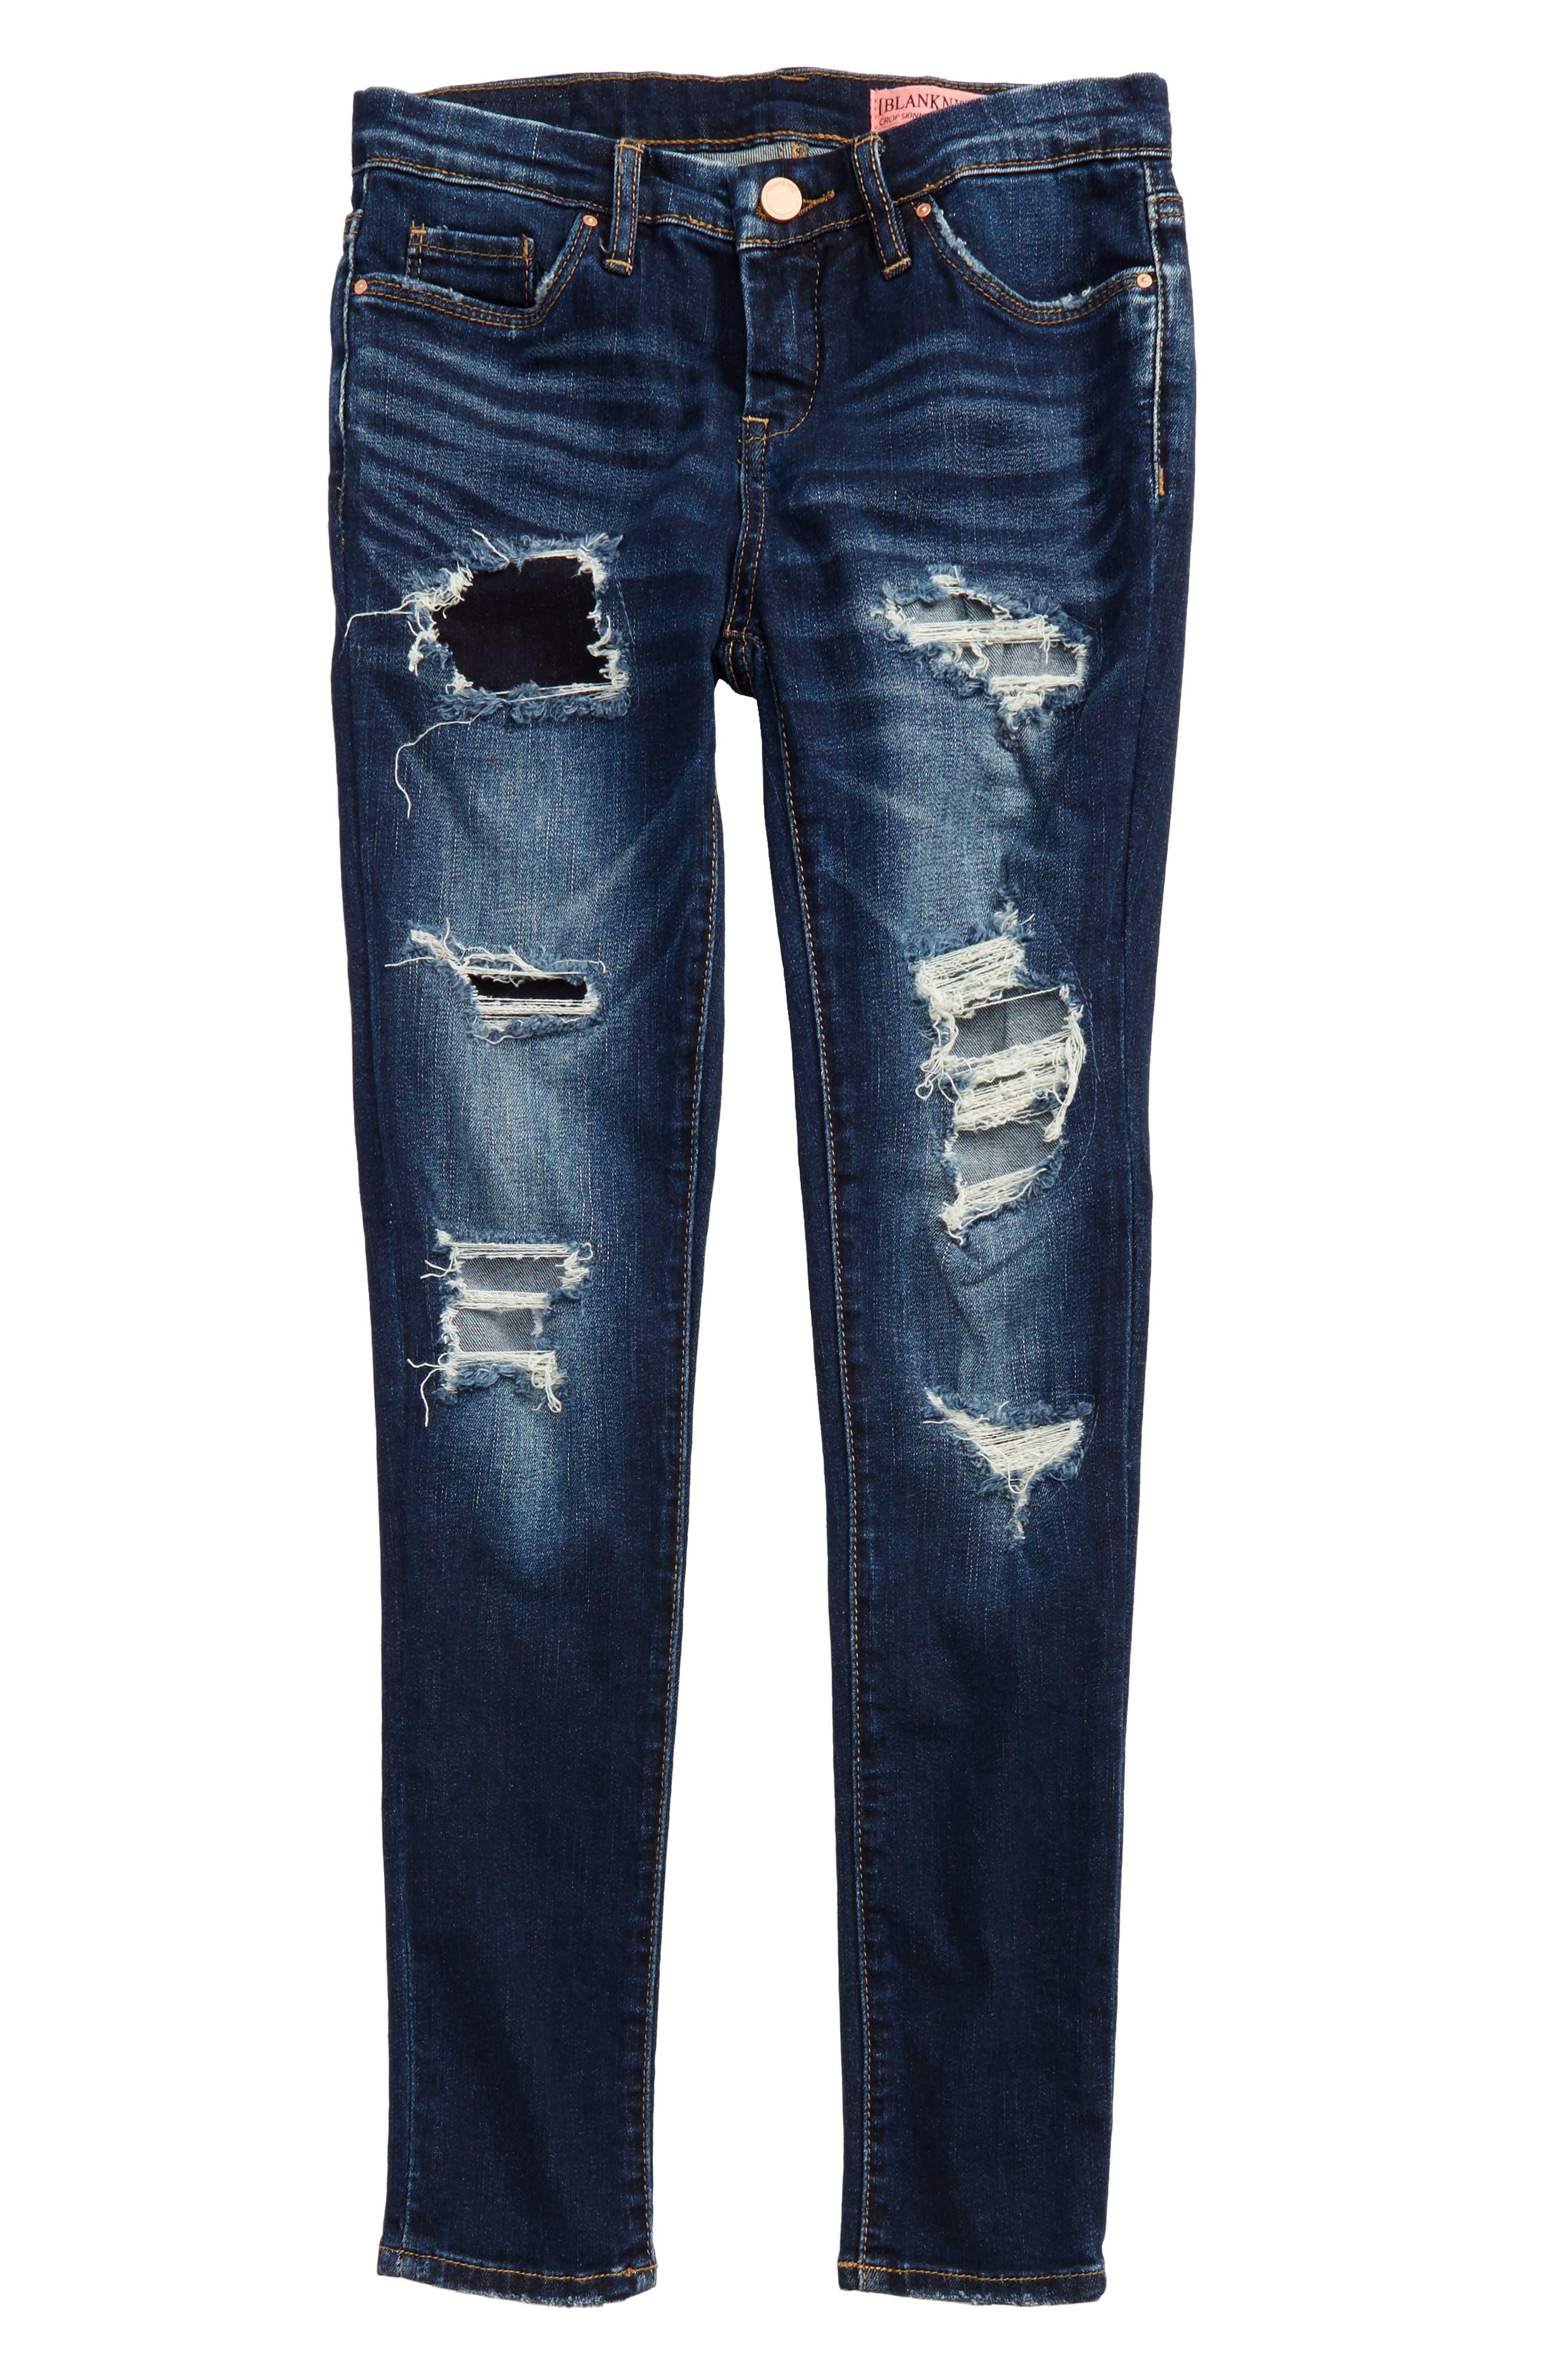 Rip & Repair Skinny Jeans,                             Main thumbnail 1, color,                             Cult Classic Blue